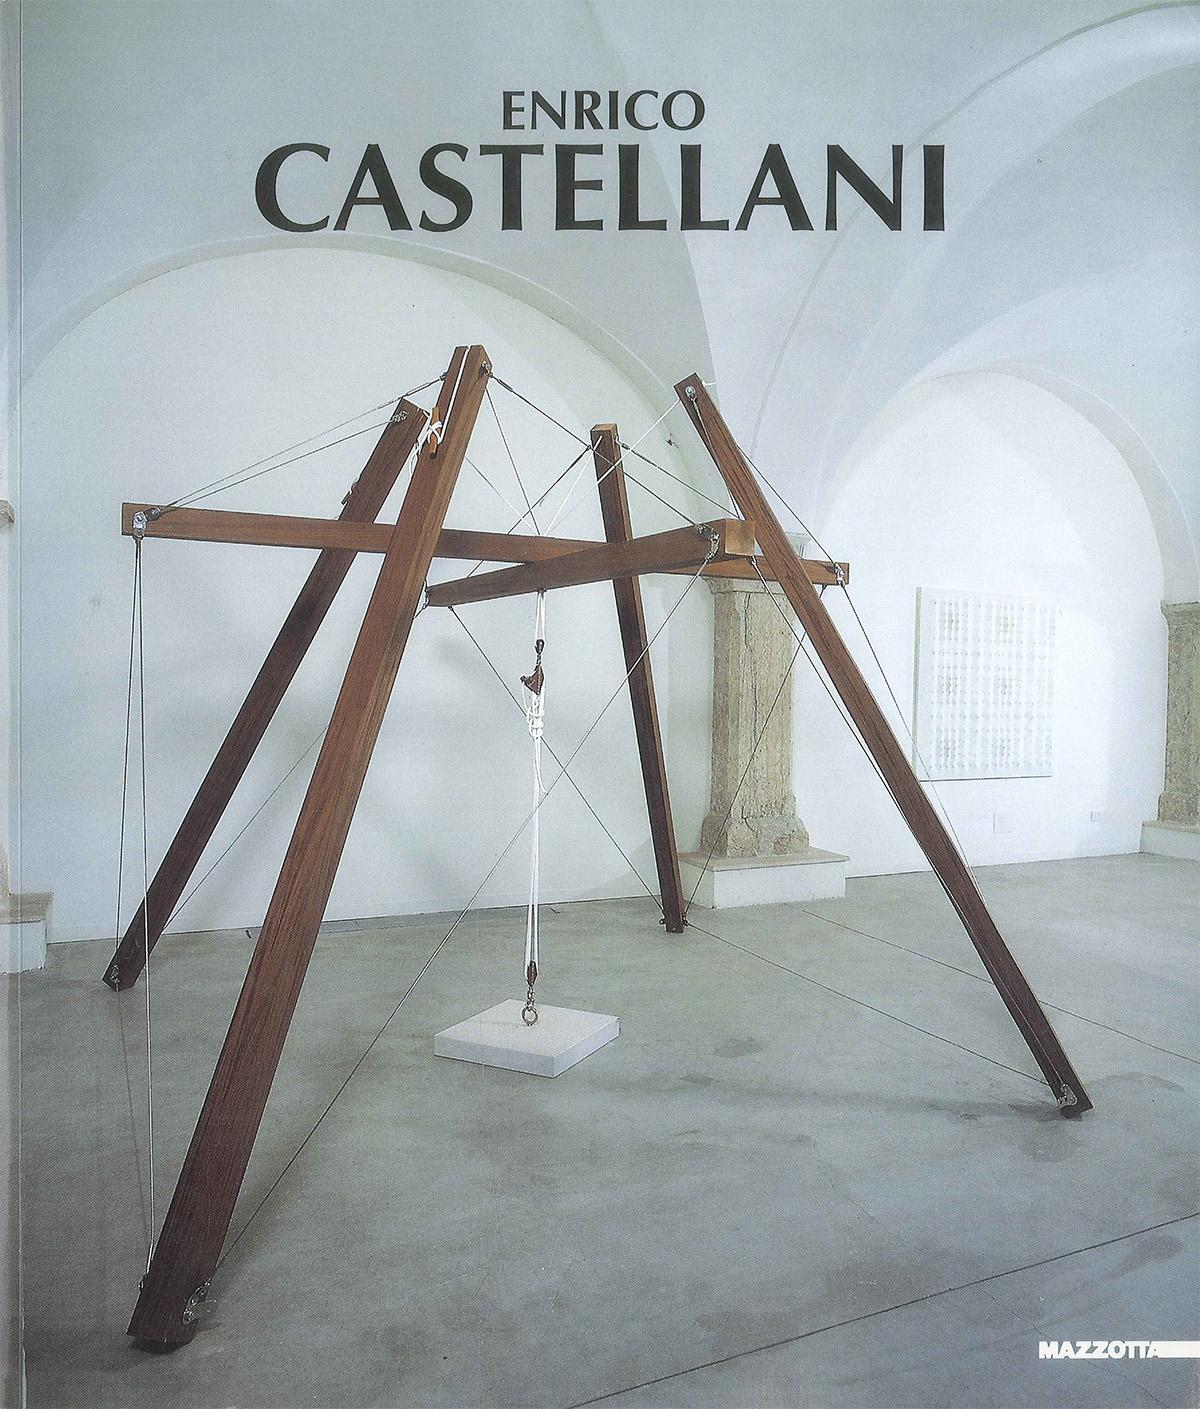 Copertina - Enrico Castellani, Vittoria Coen, 1999, Galleria Civica di Arte Contemporanea, Trento, Edizioni Mazzotta, Milano